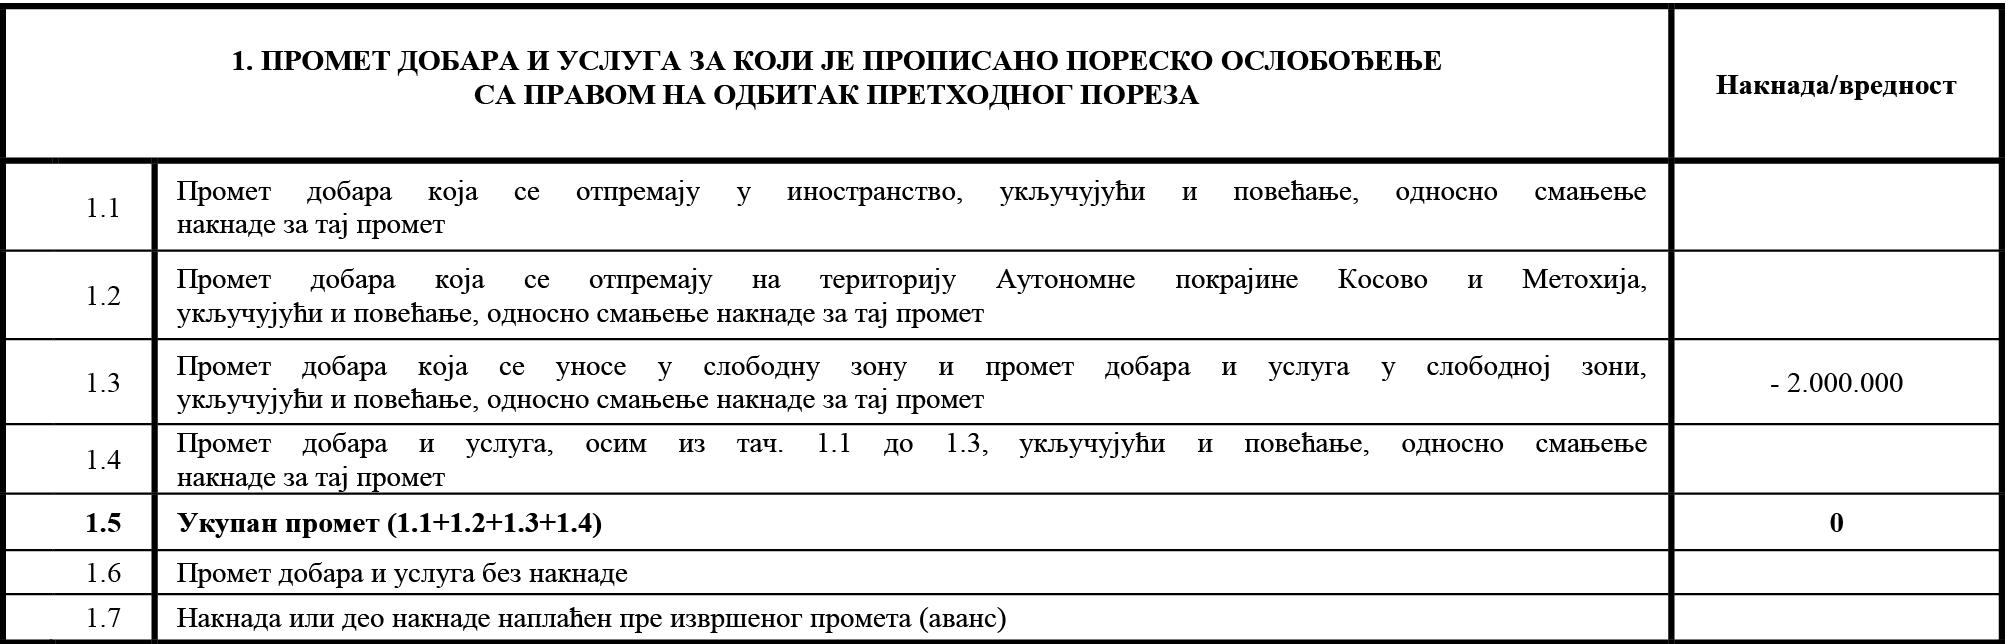 uputstvo PU obrazac POPDV primer 9